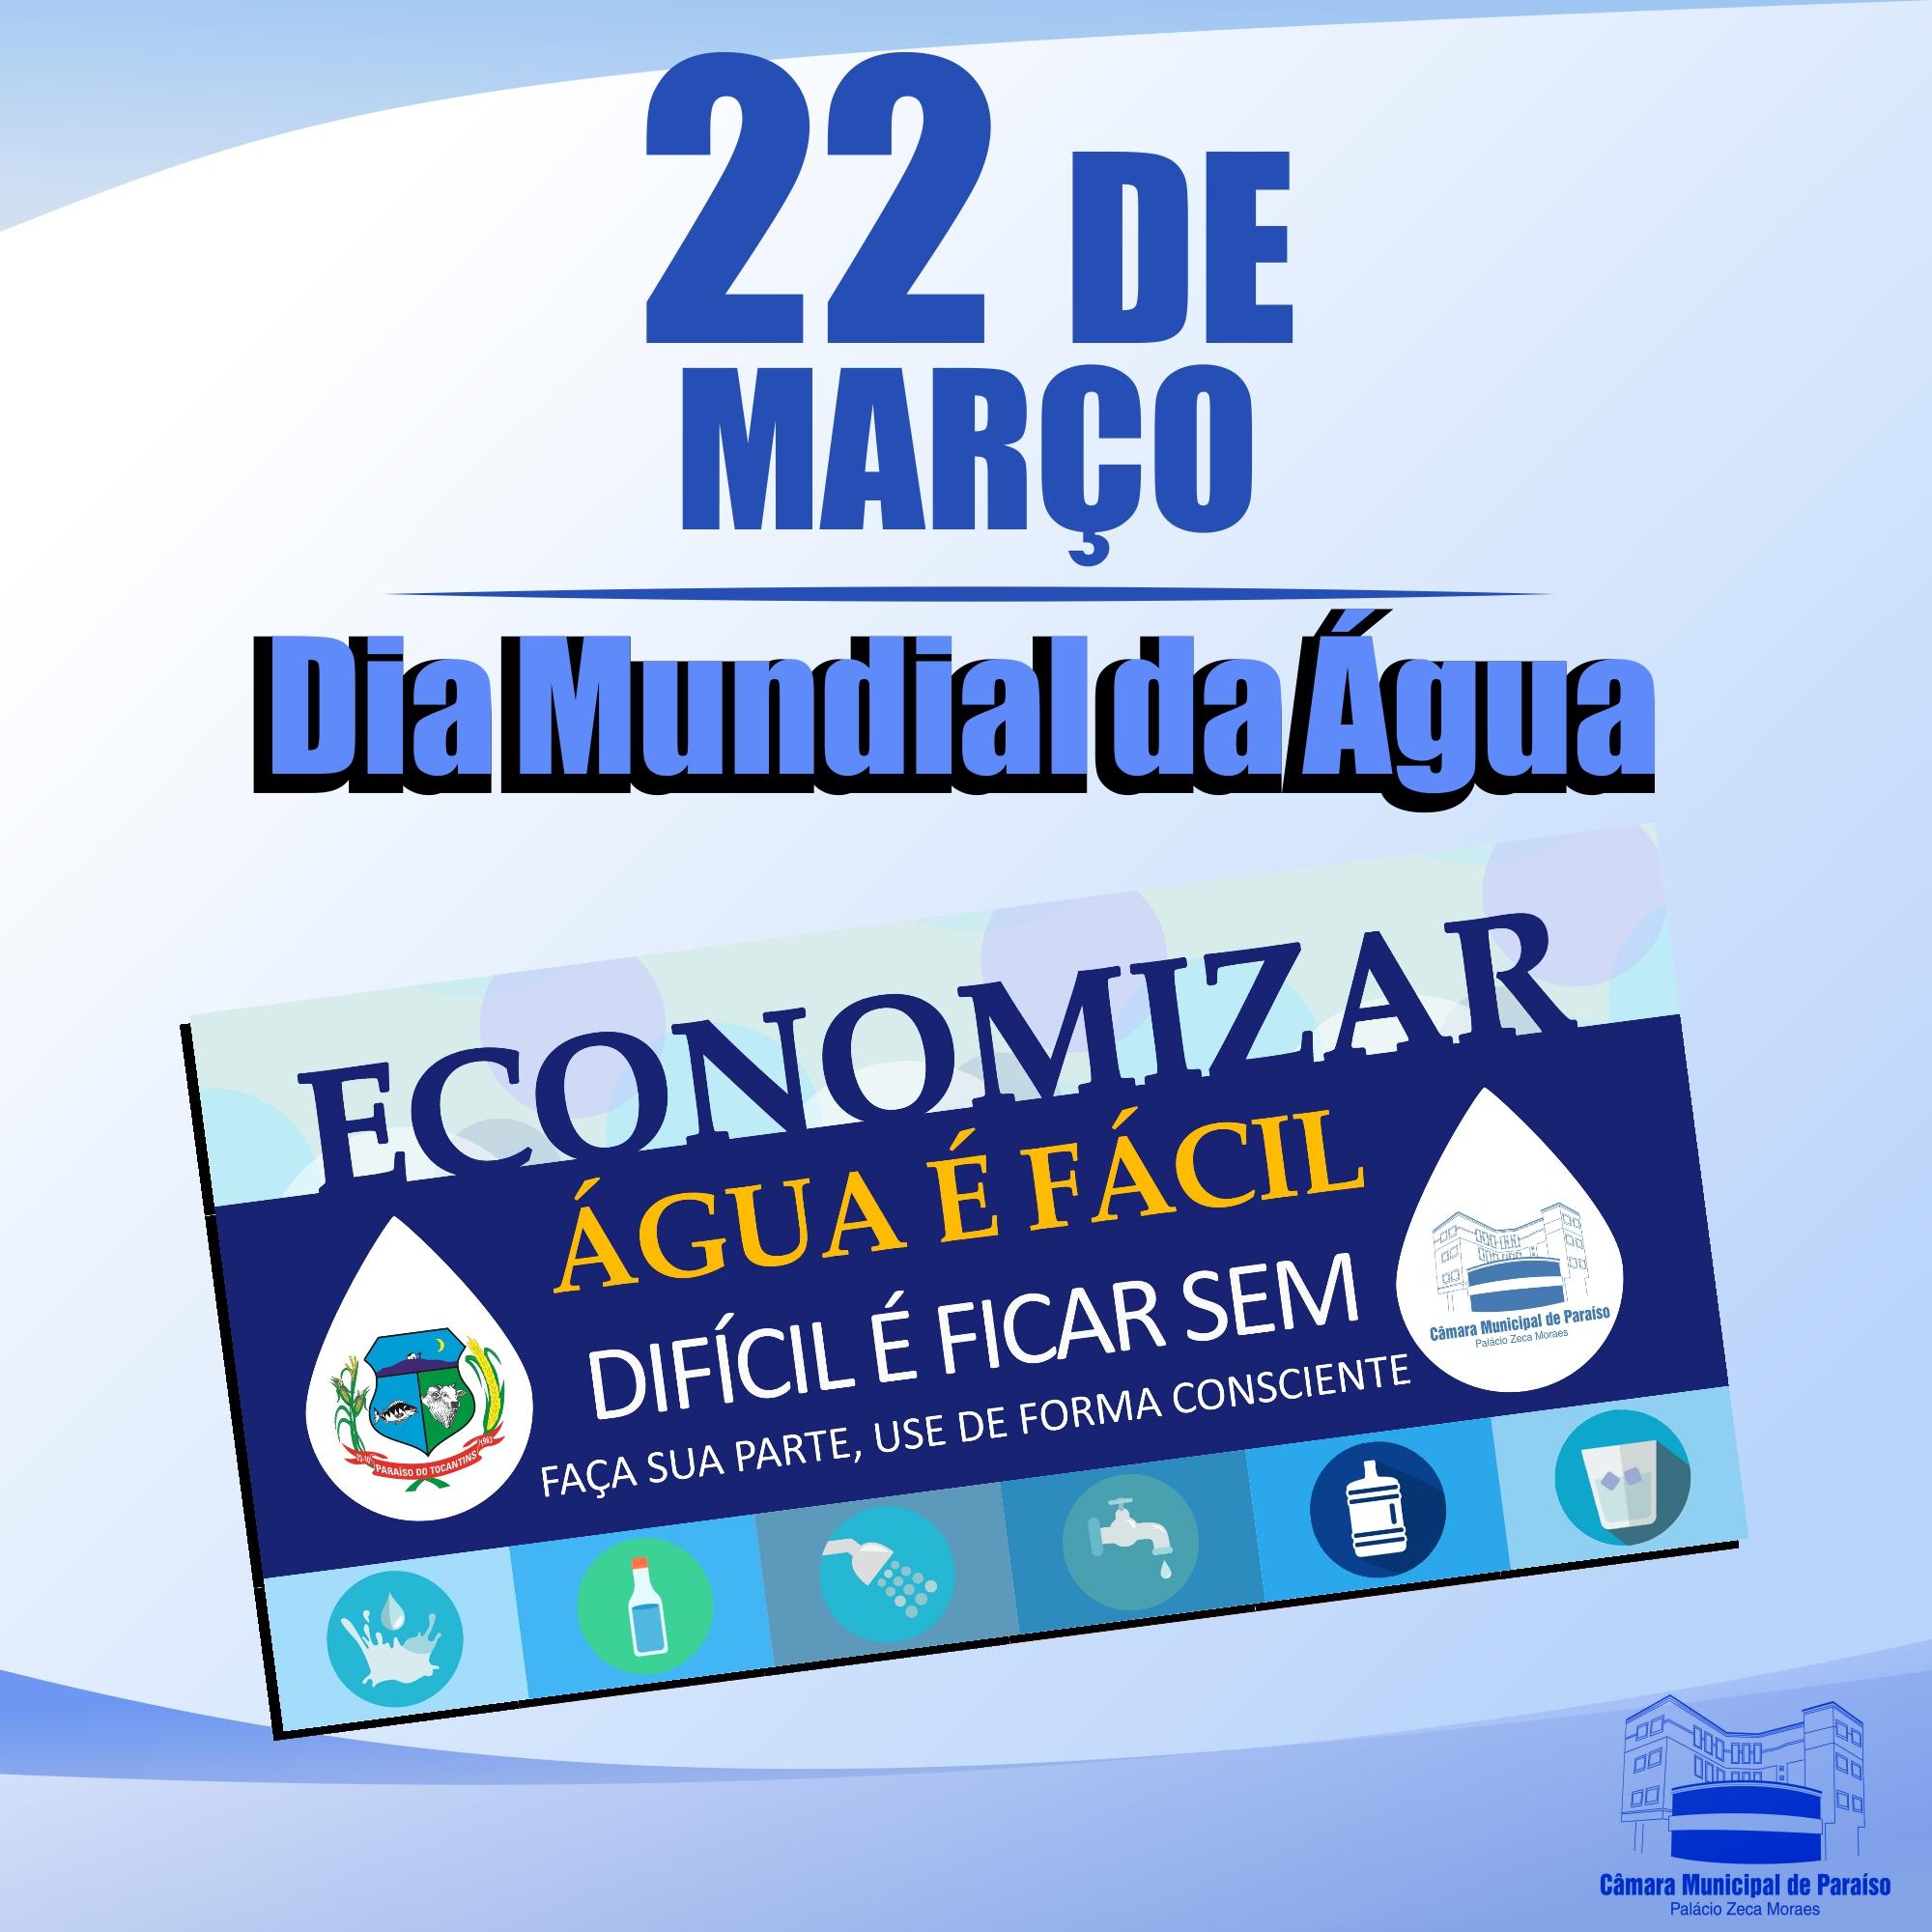 Neste dia 22 se comemora o dia mundial da água